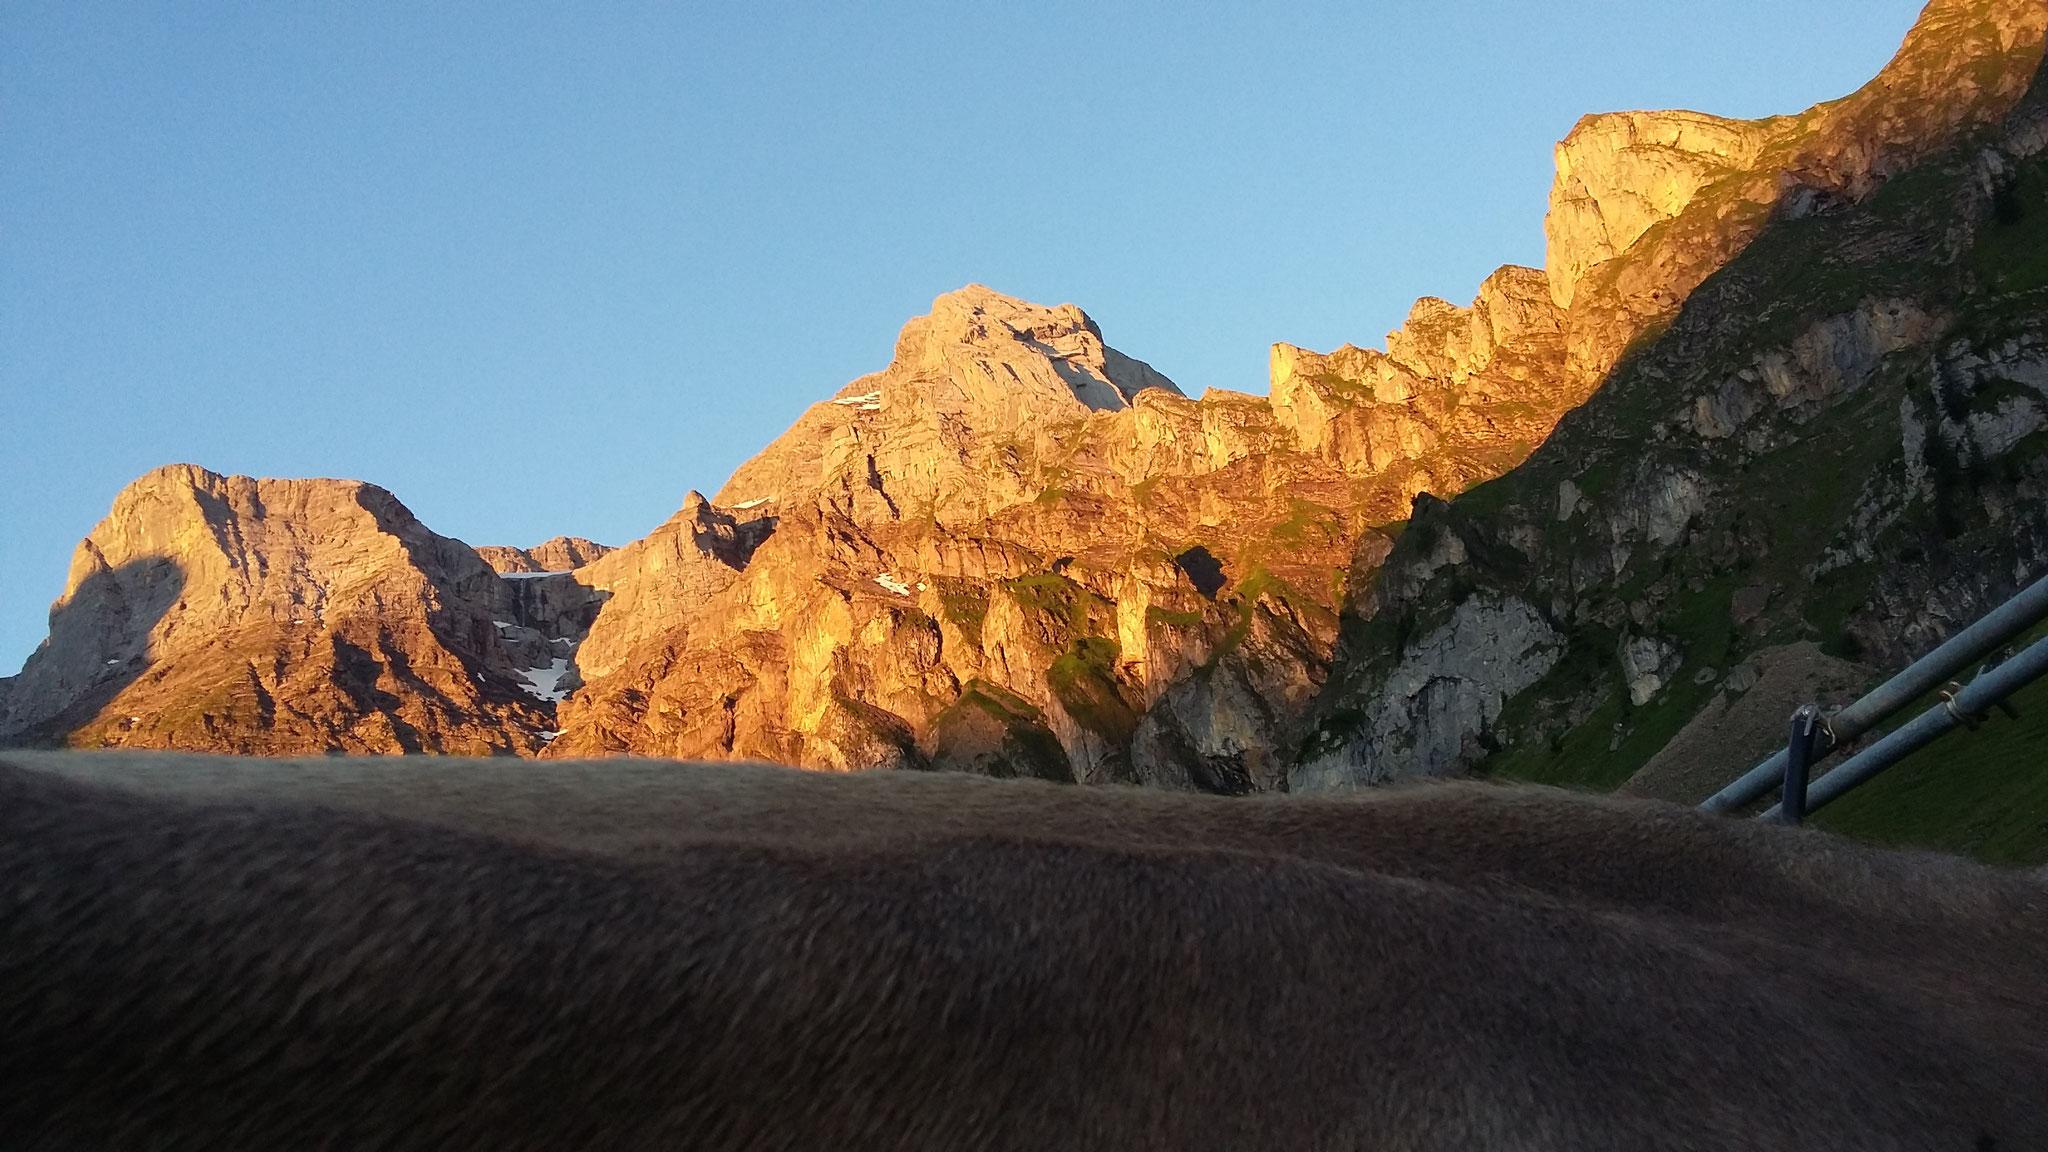 Kühe, Berge, Morgensonne - was will man mehr beim Freiluftmelken.